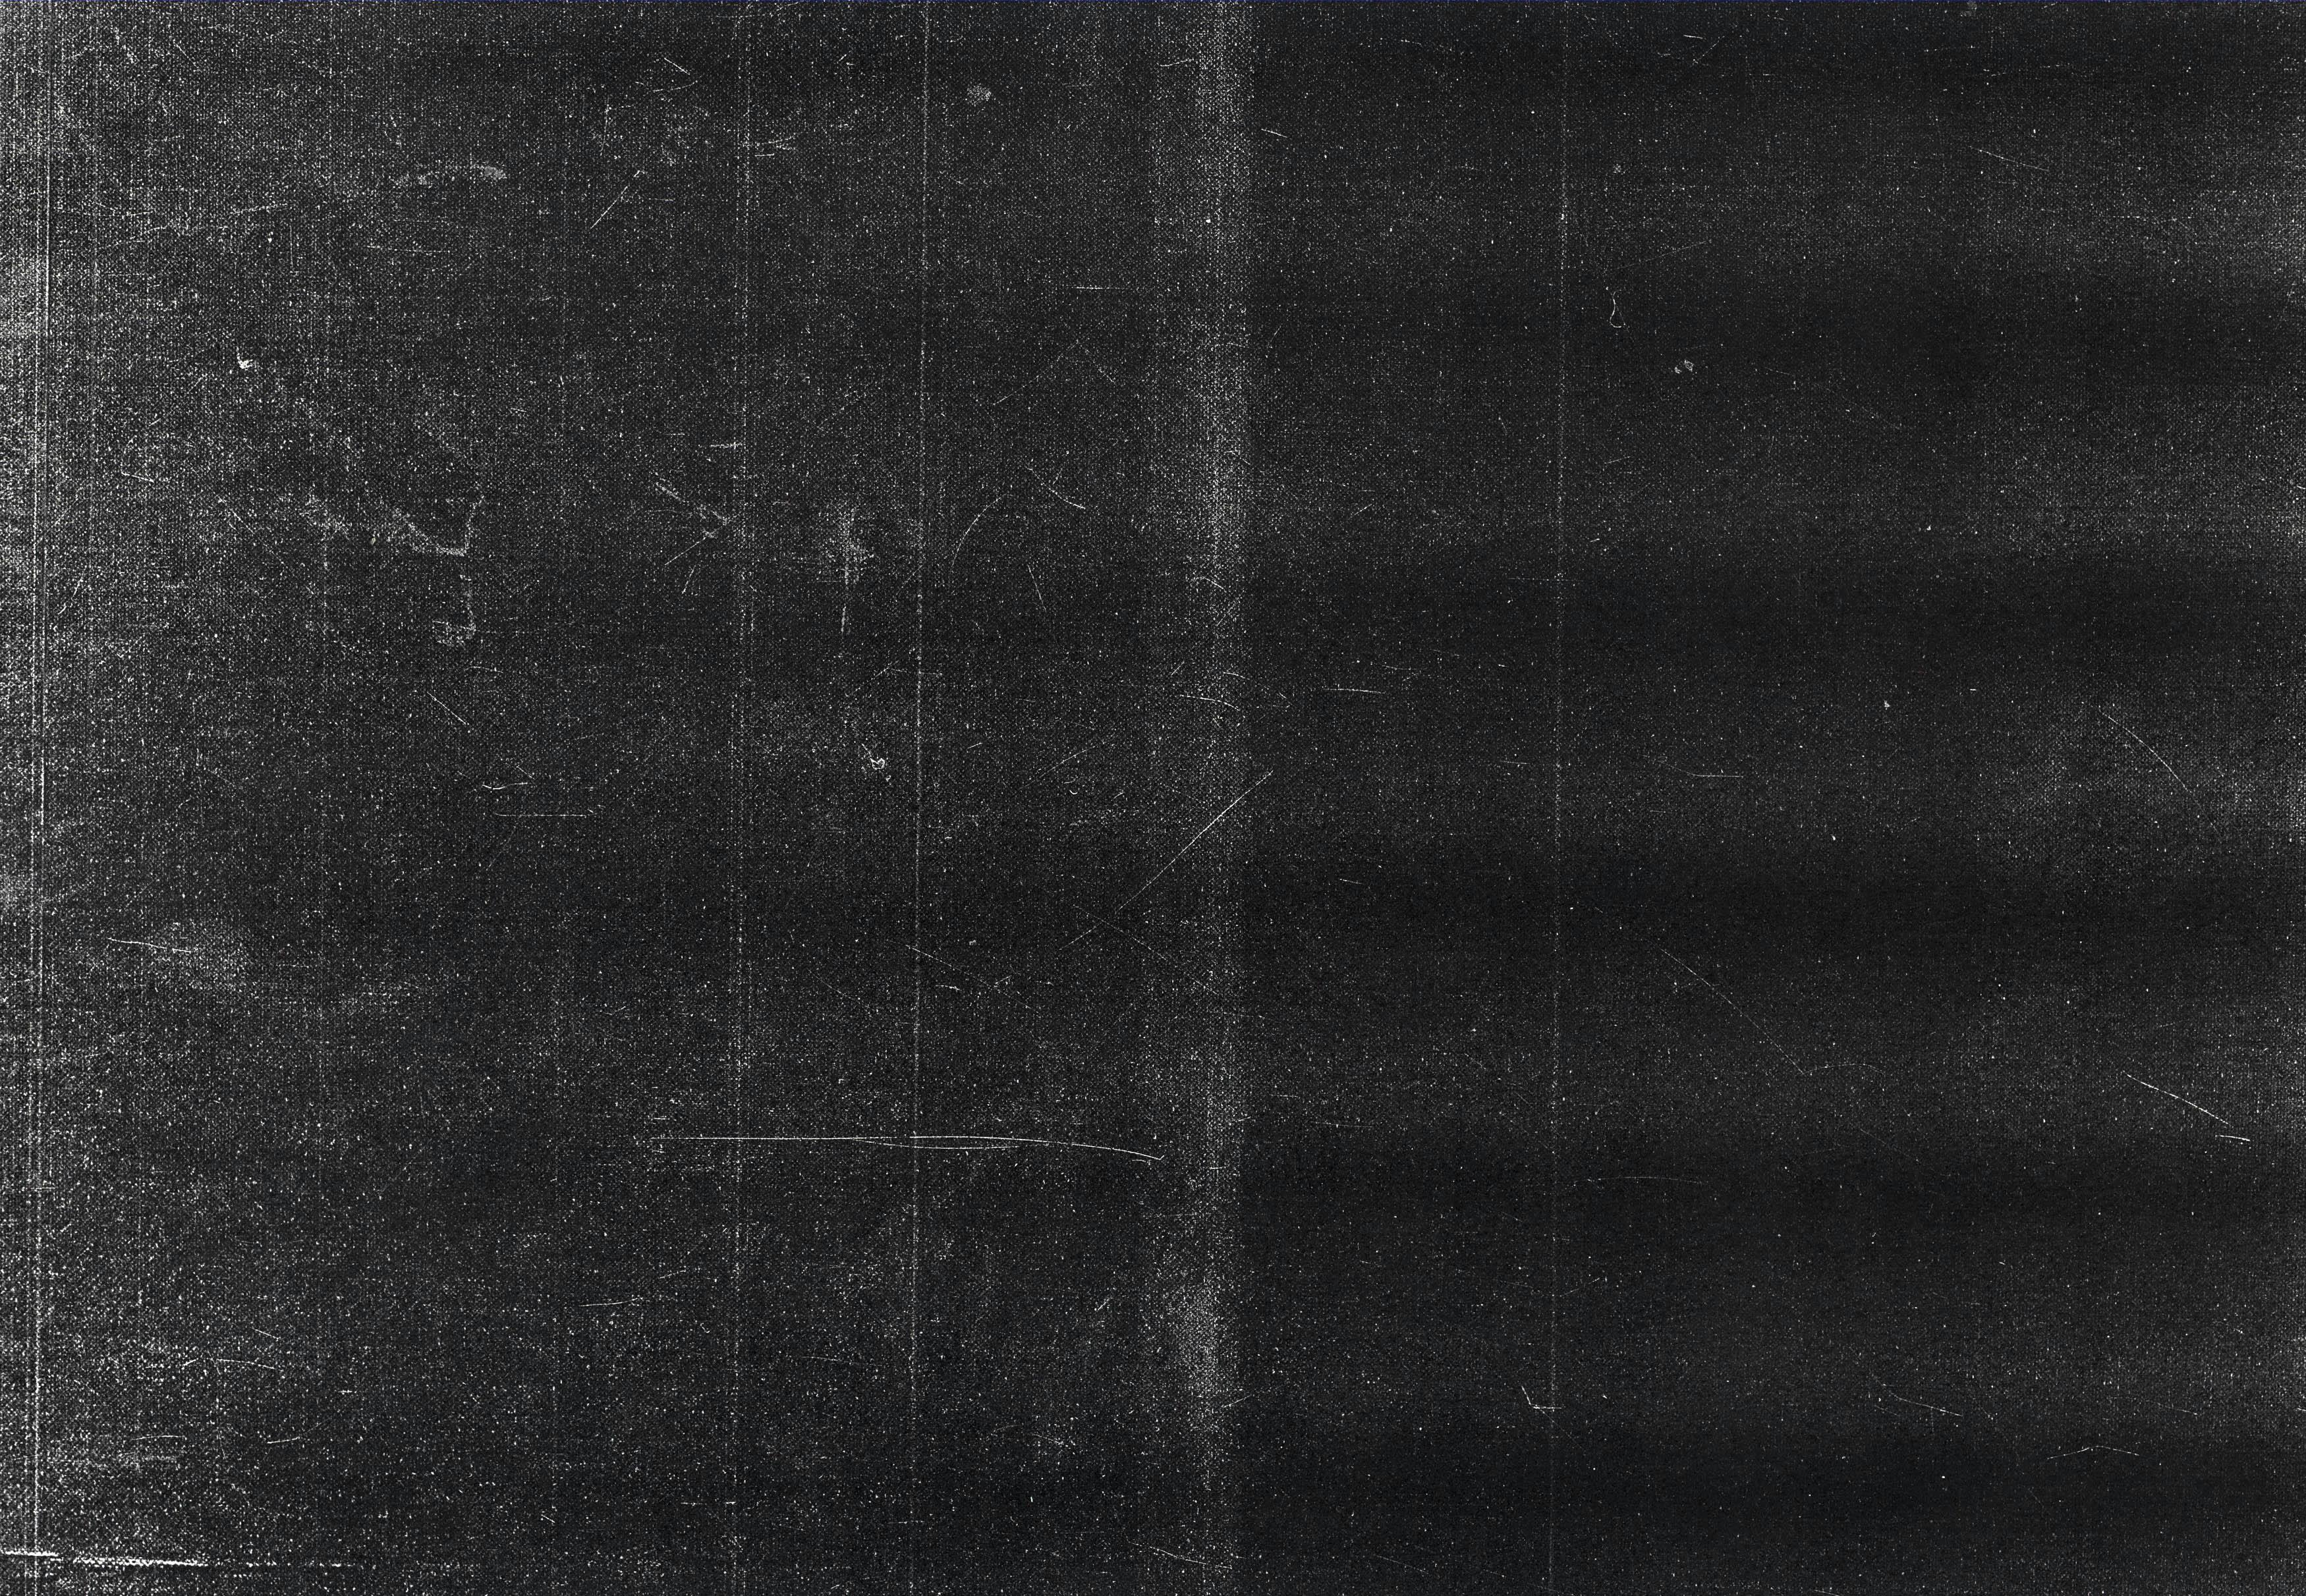 11 photocopy textures vol 3 texture fabrik frame vector png flame vectors